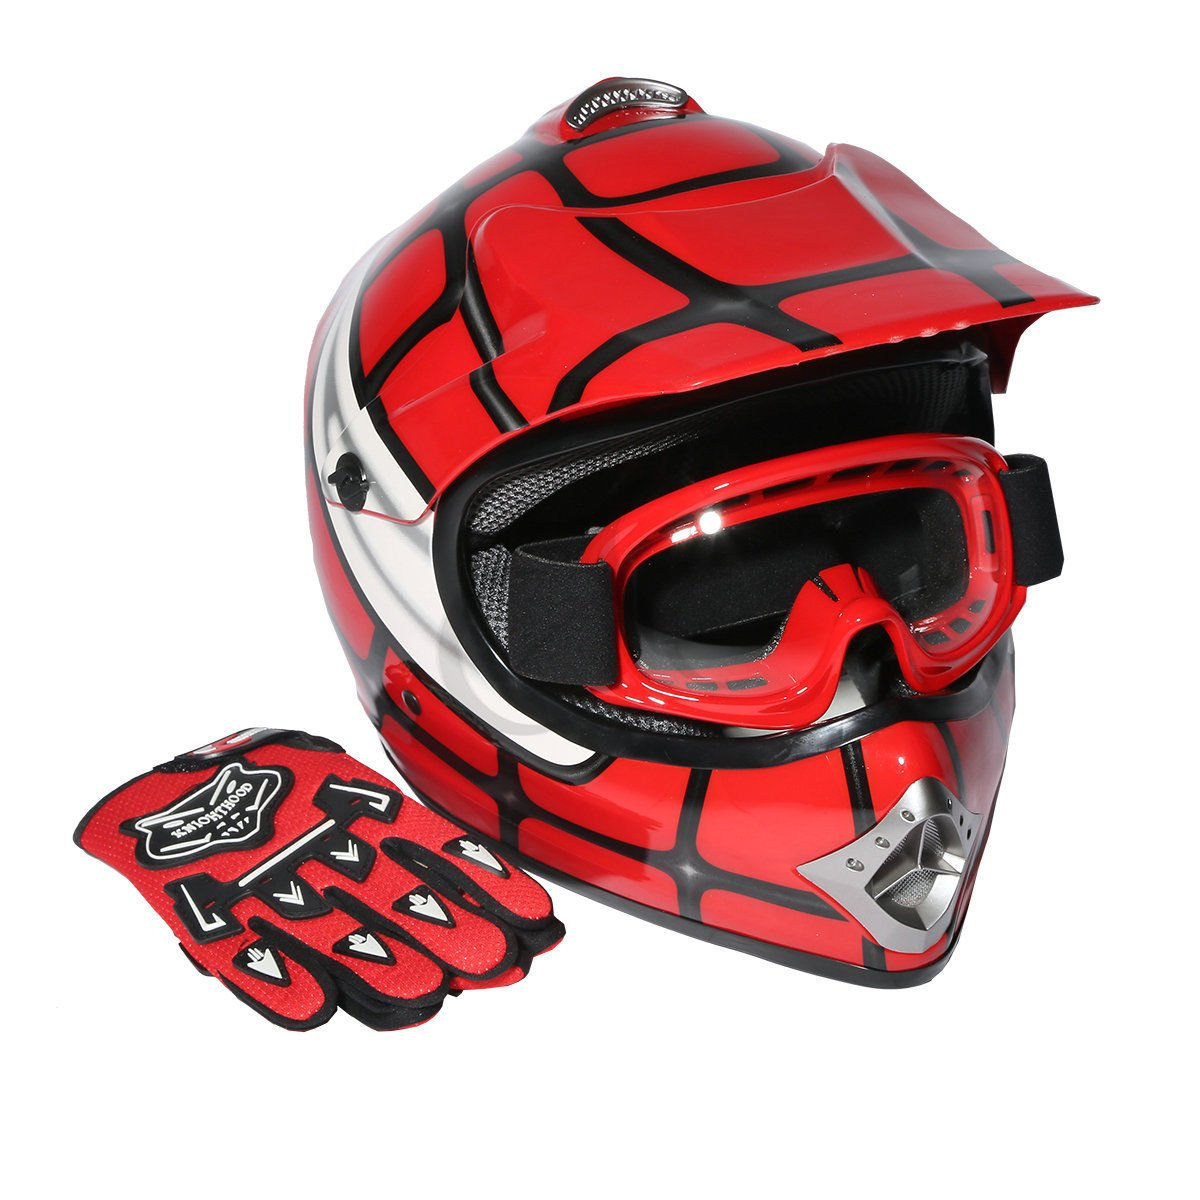 XFMT Youth Kids Motocross Offroad Street Dirt Bike Helmet Goggles Gloves Atv Mx Helmet Black Skull L